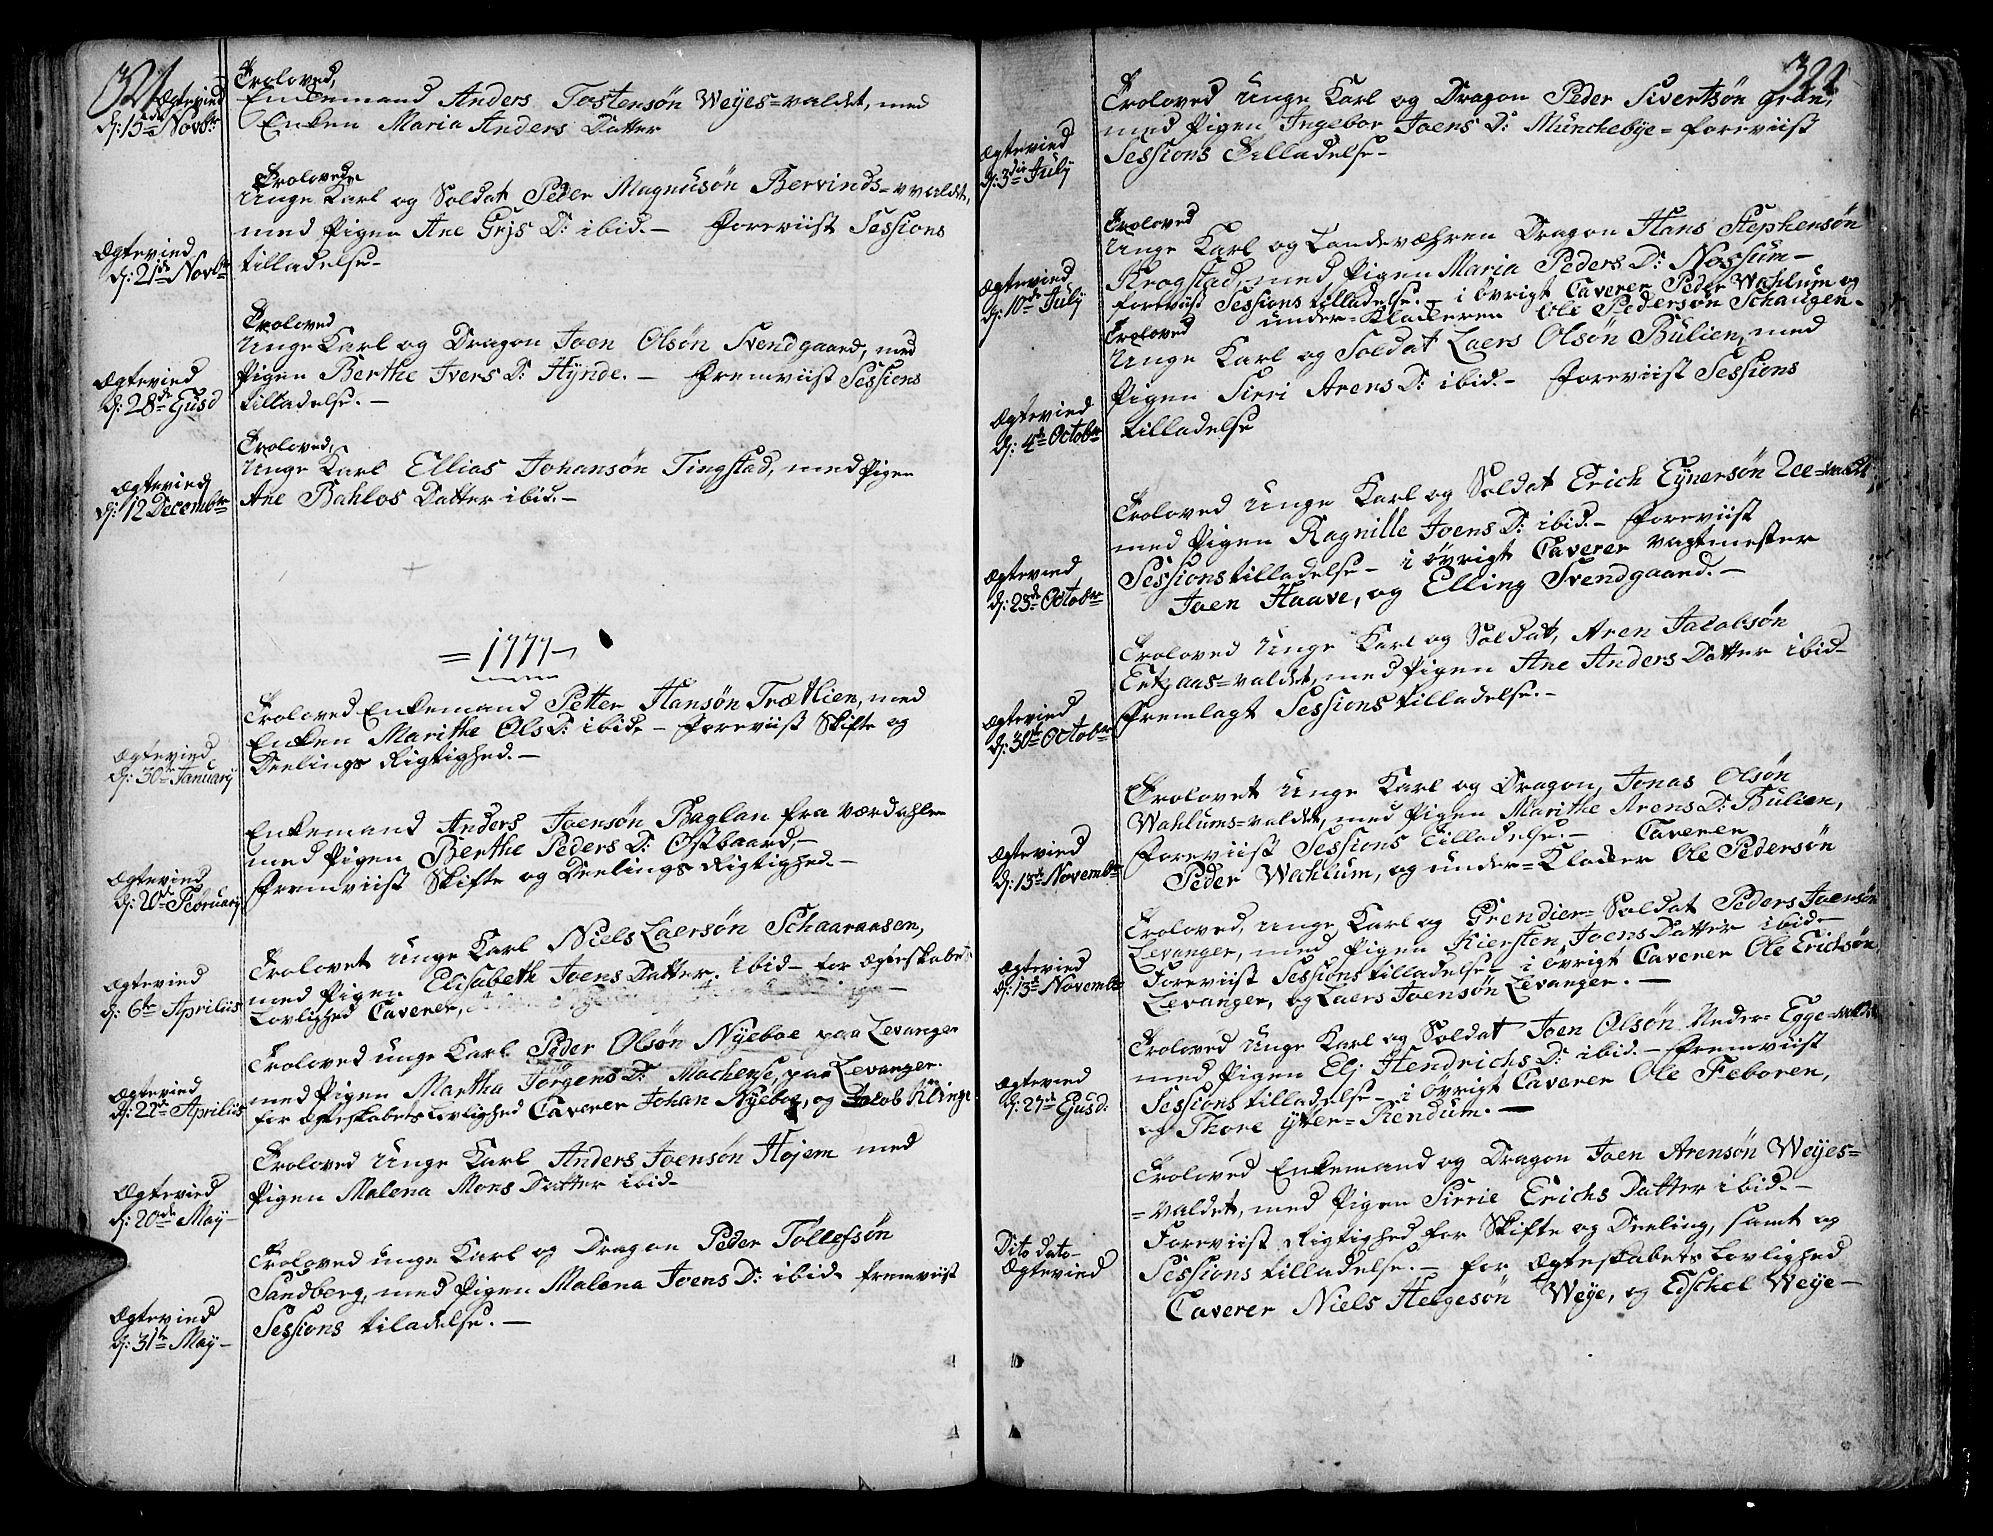 SAT, Ministerialprotokoller, klokkerbøker og fødselsregistre - Nord-Trøndelag, 717/L0141: Ministerialbok nr. 717A01, 1747-1803, s. 321-322